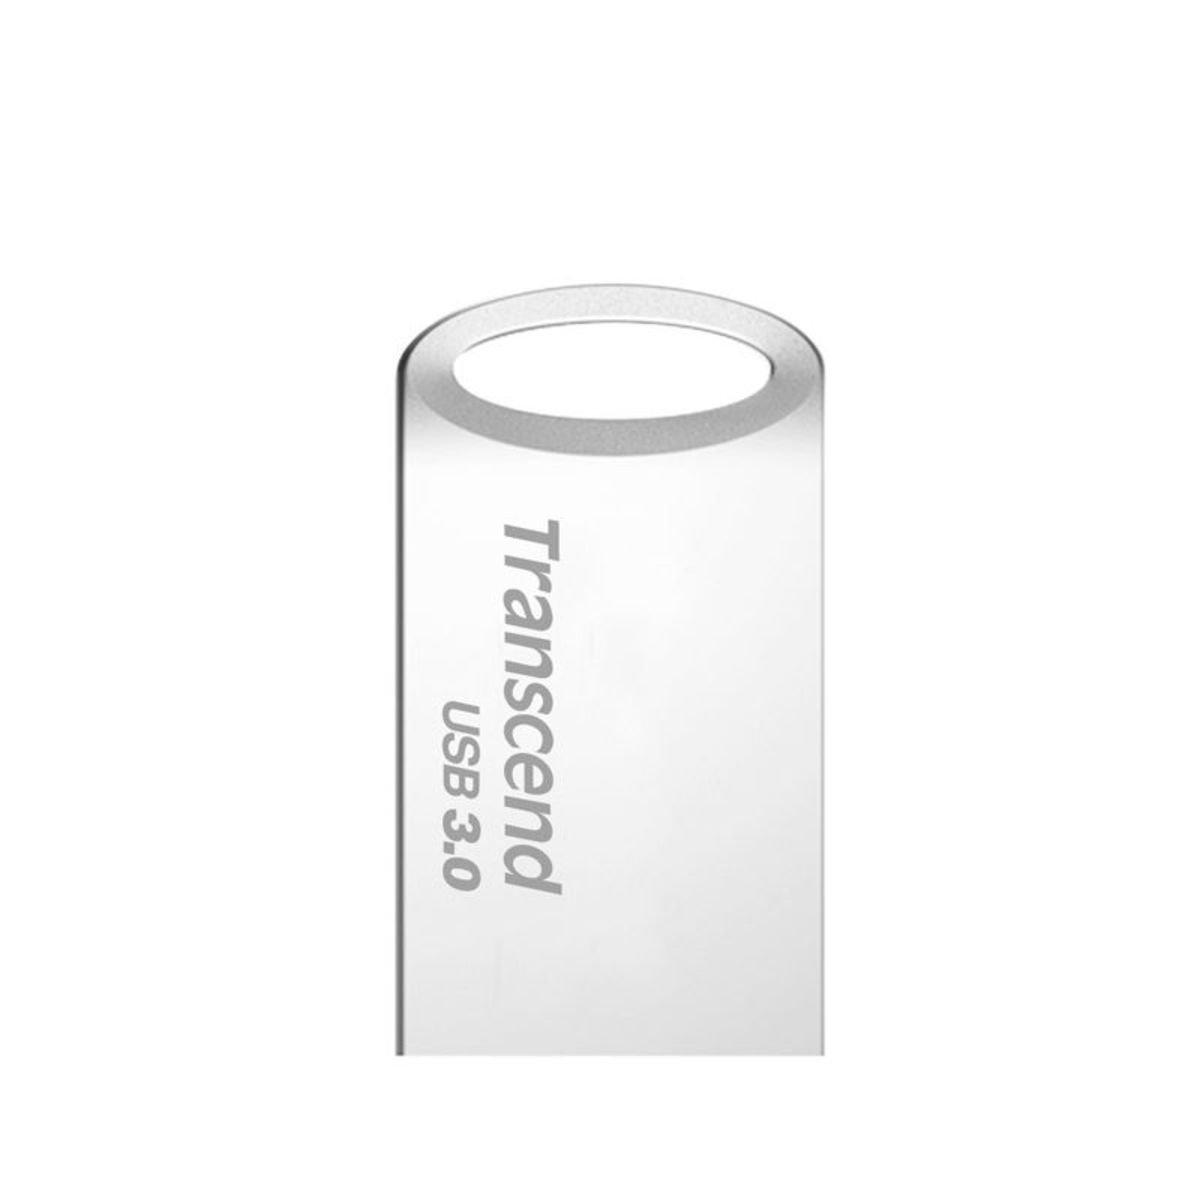 710S USB3.0 記憶手指16GB